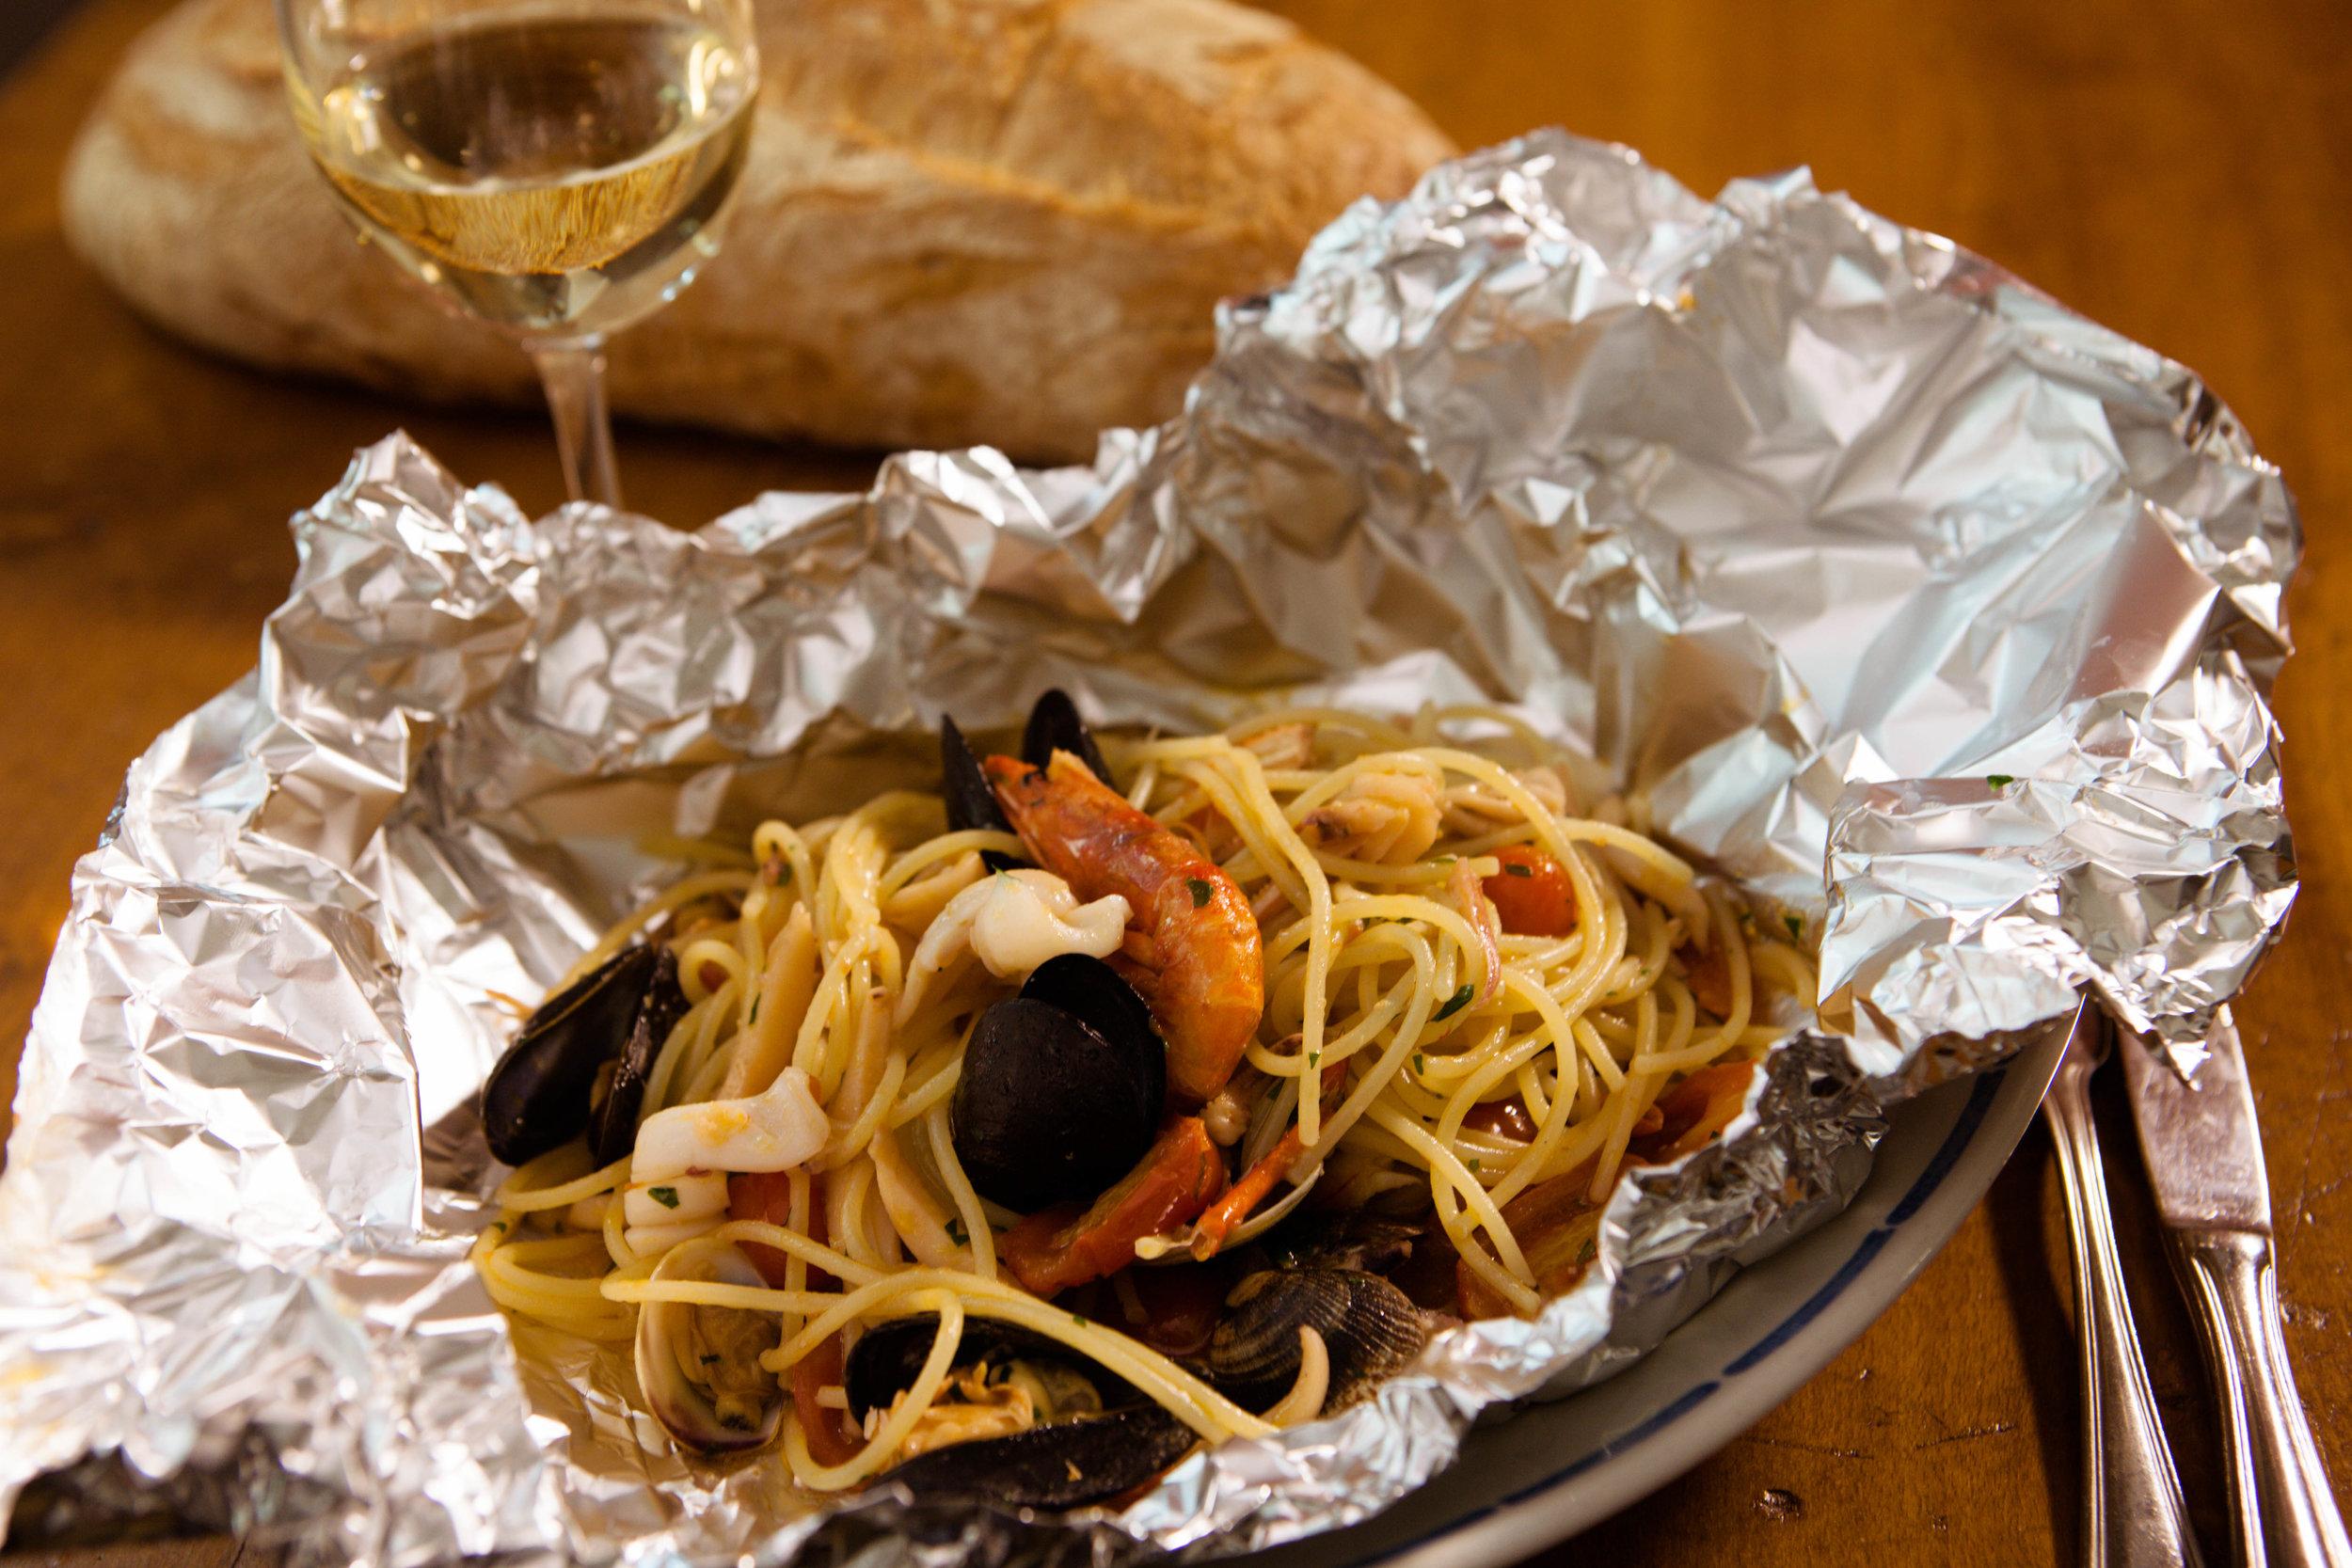 SpaghettiAlCartoccio-FruttiDiMare-TrattoriaDelPescatore.jpg